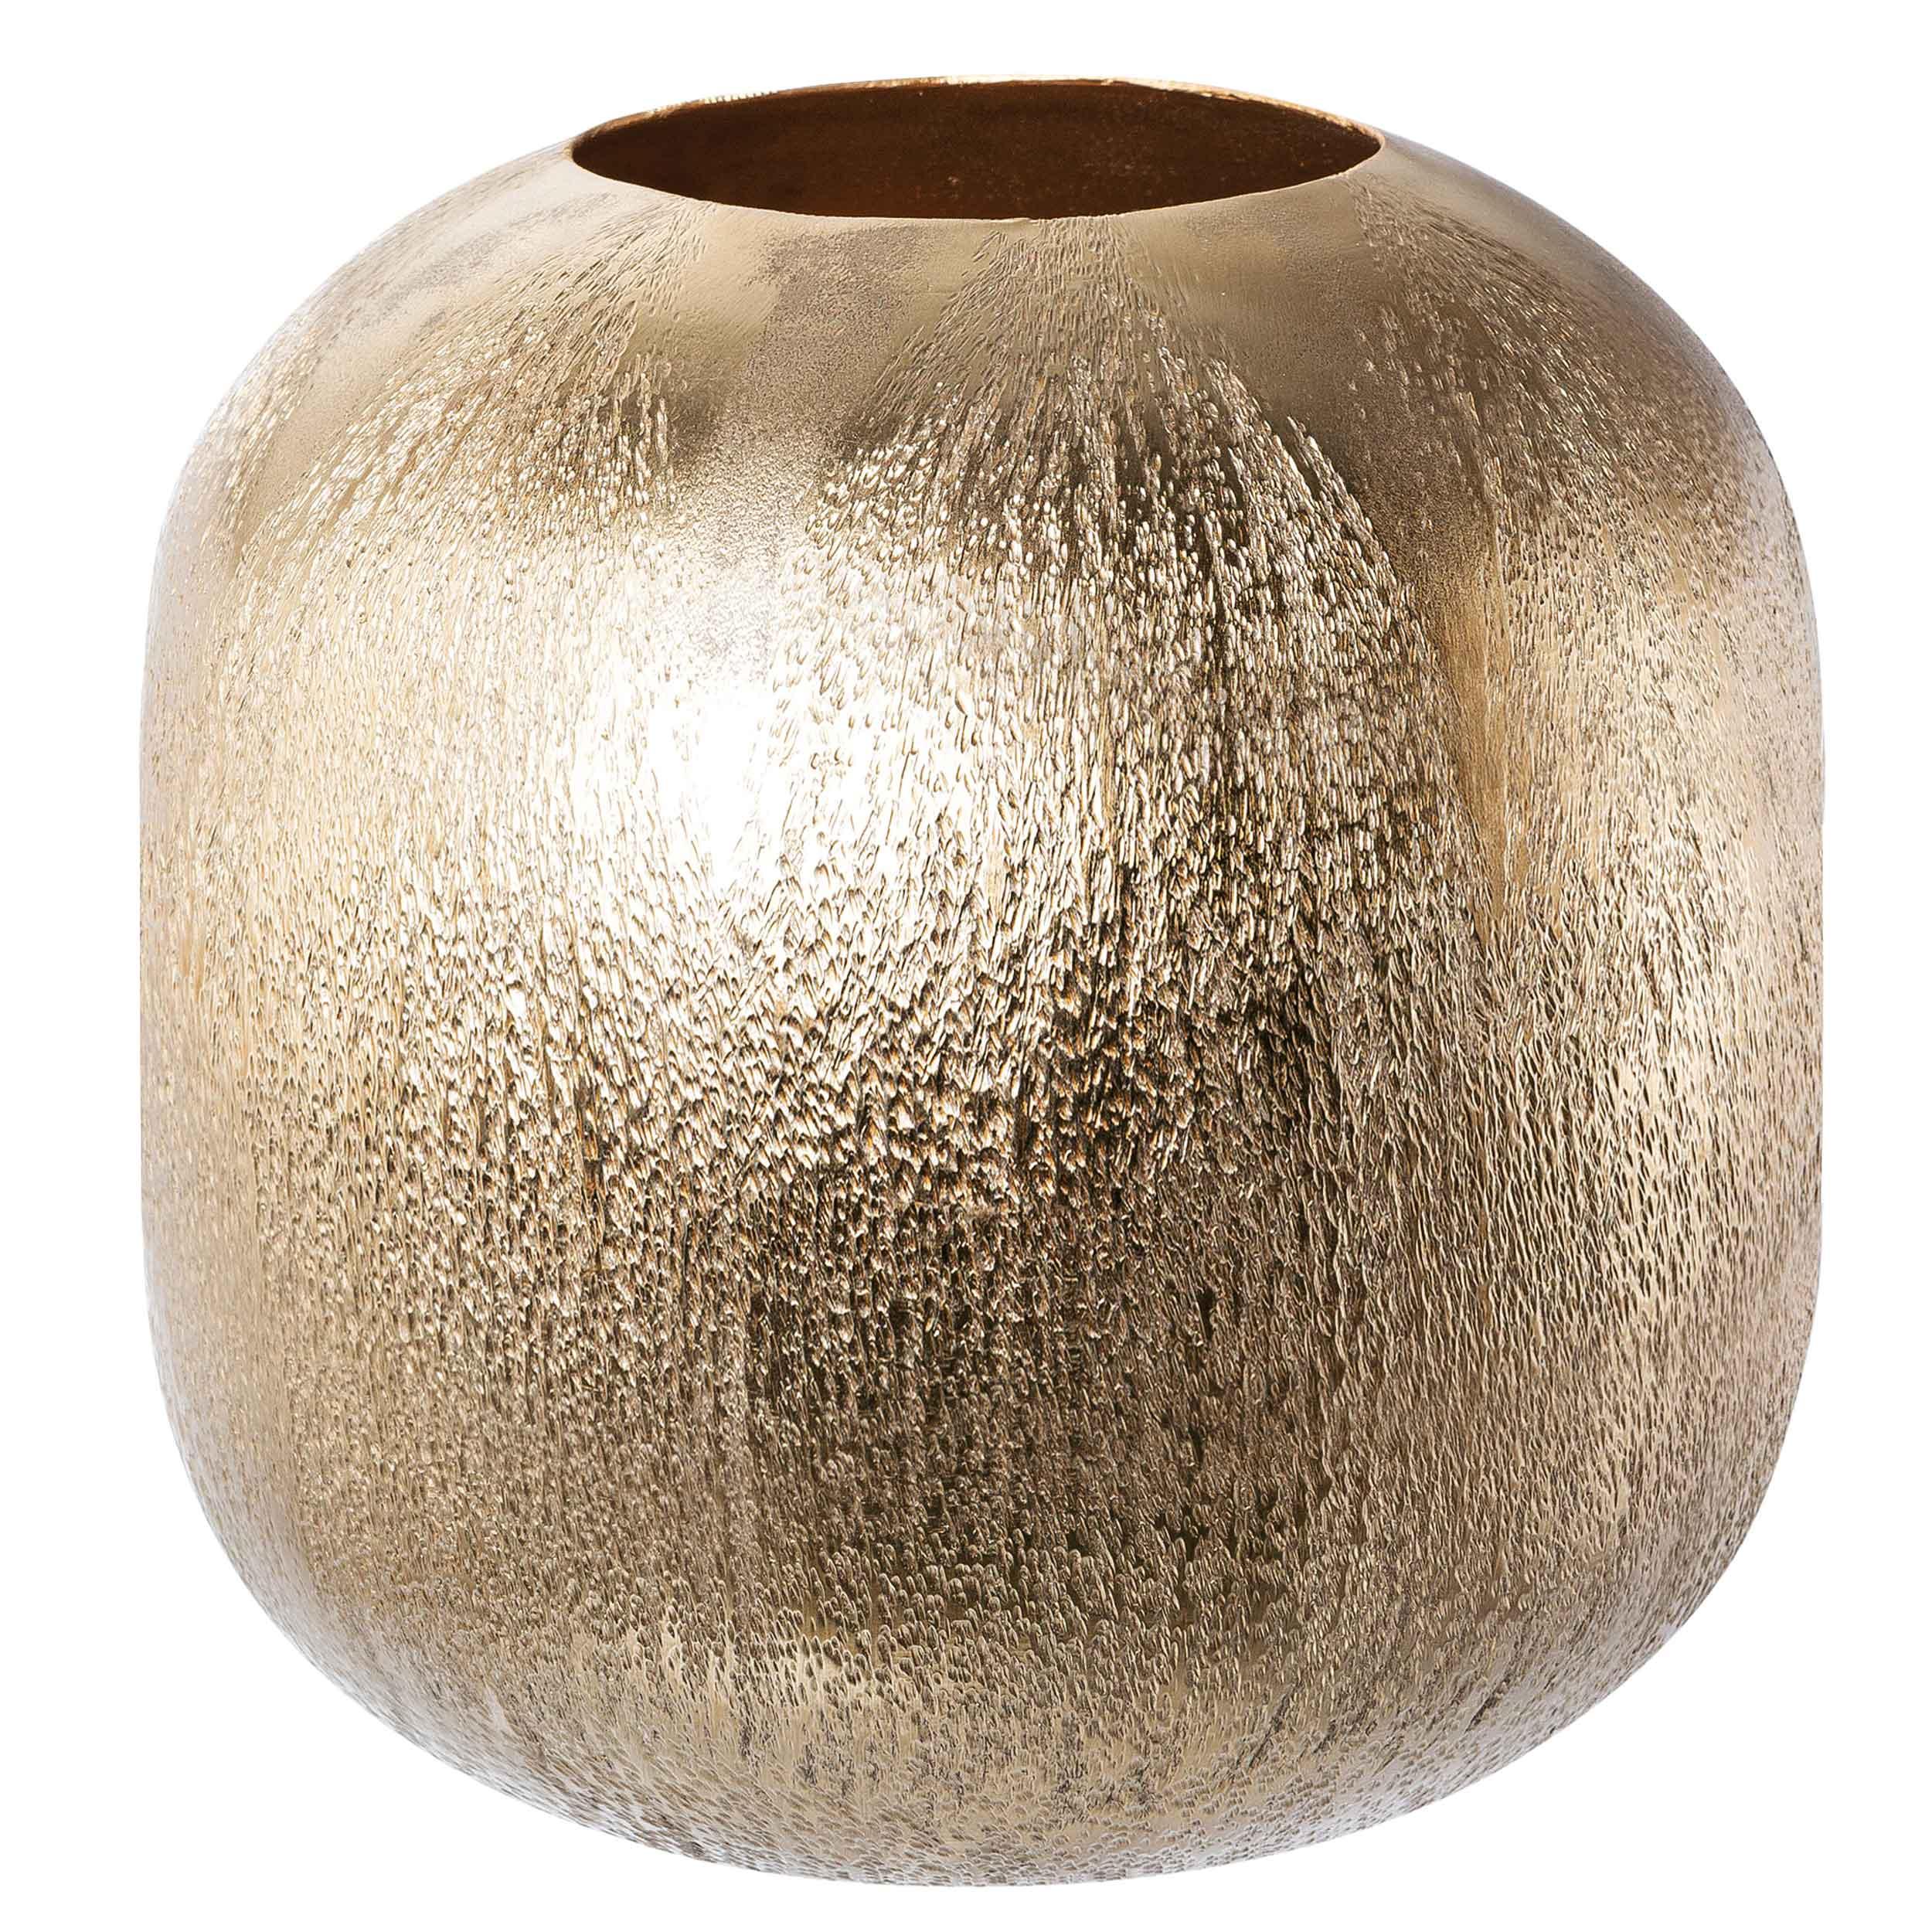 Vase 25cm STALE